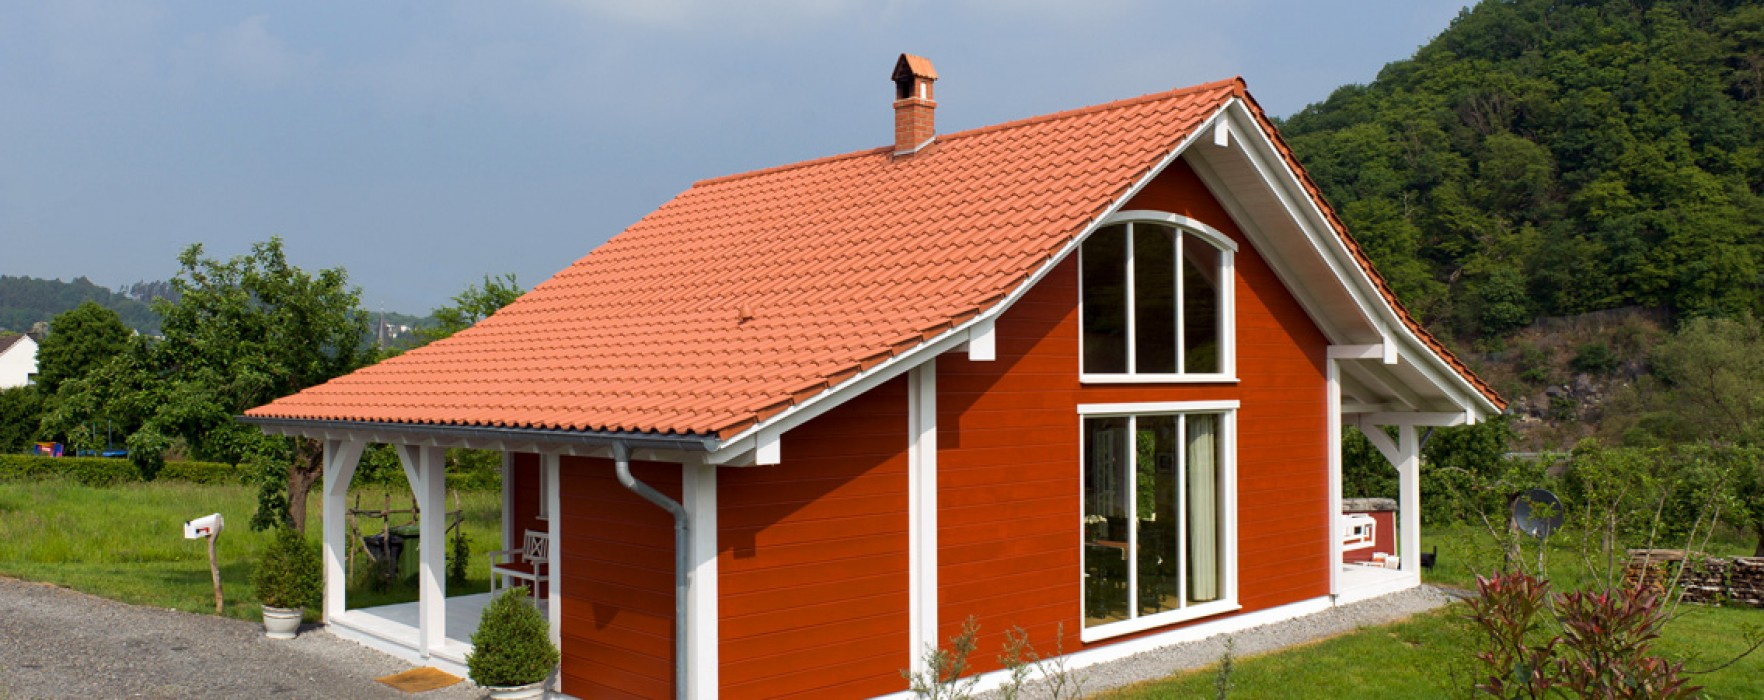 i costi di una piccola casa in legno